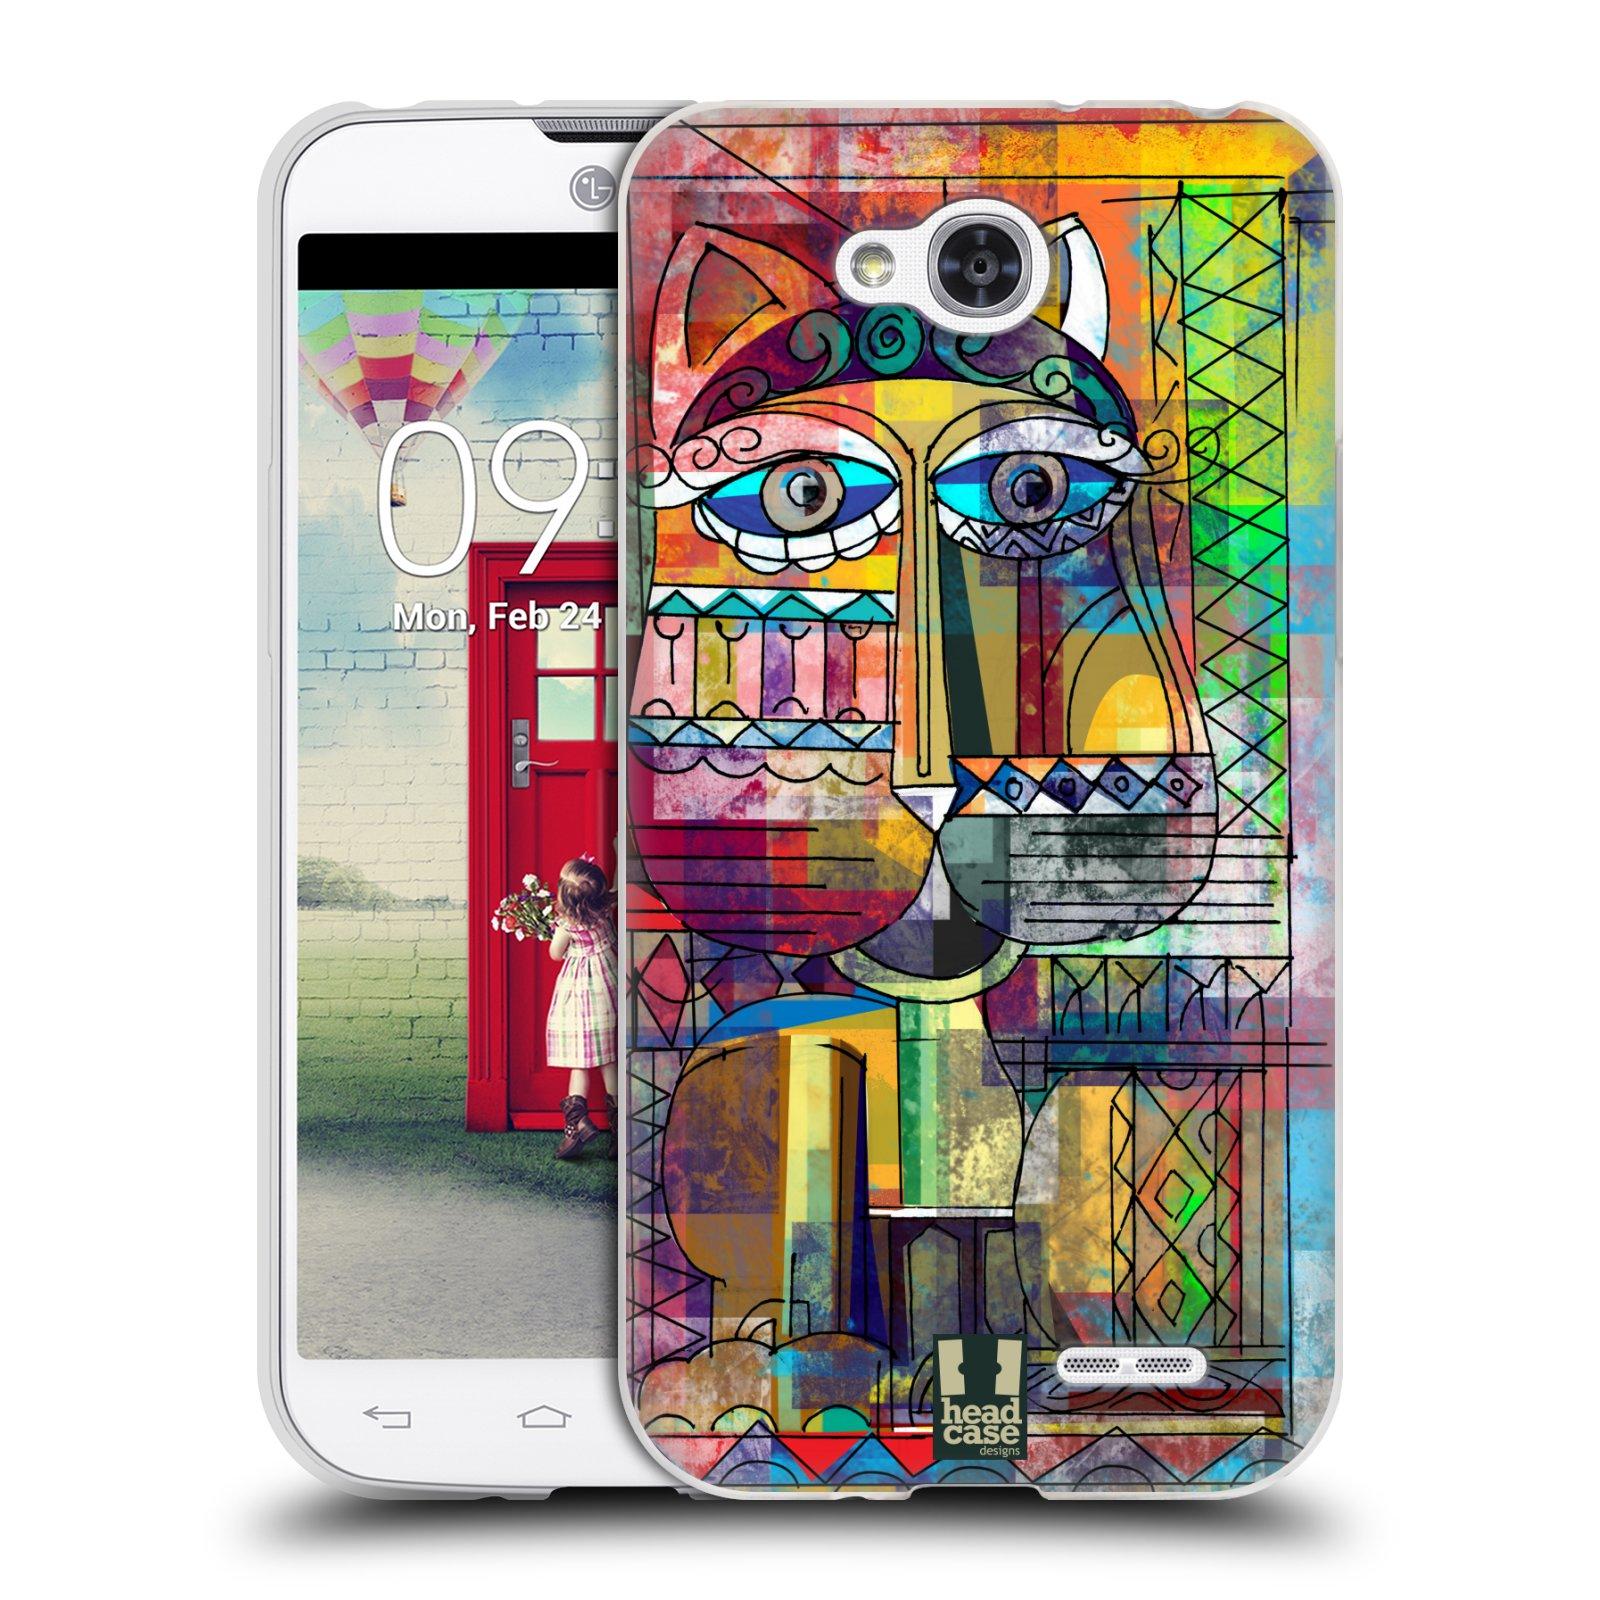 Silikonové pouzdro na mobil LG L90 HEAD CASE AZTEC KORAT (Silikonový kryt či obal na mobilní telefon LG L90 D405n)